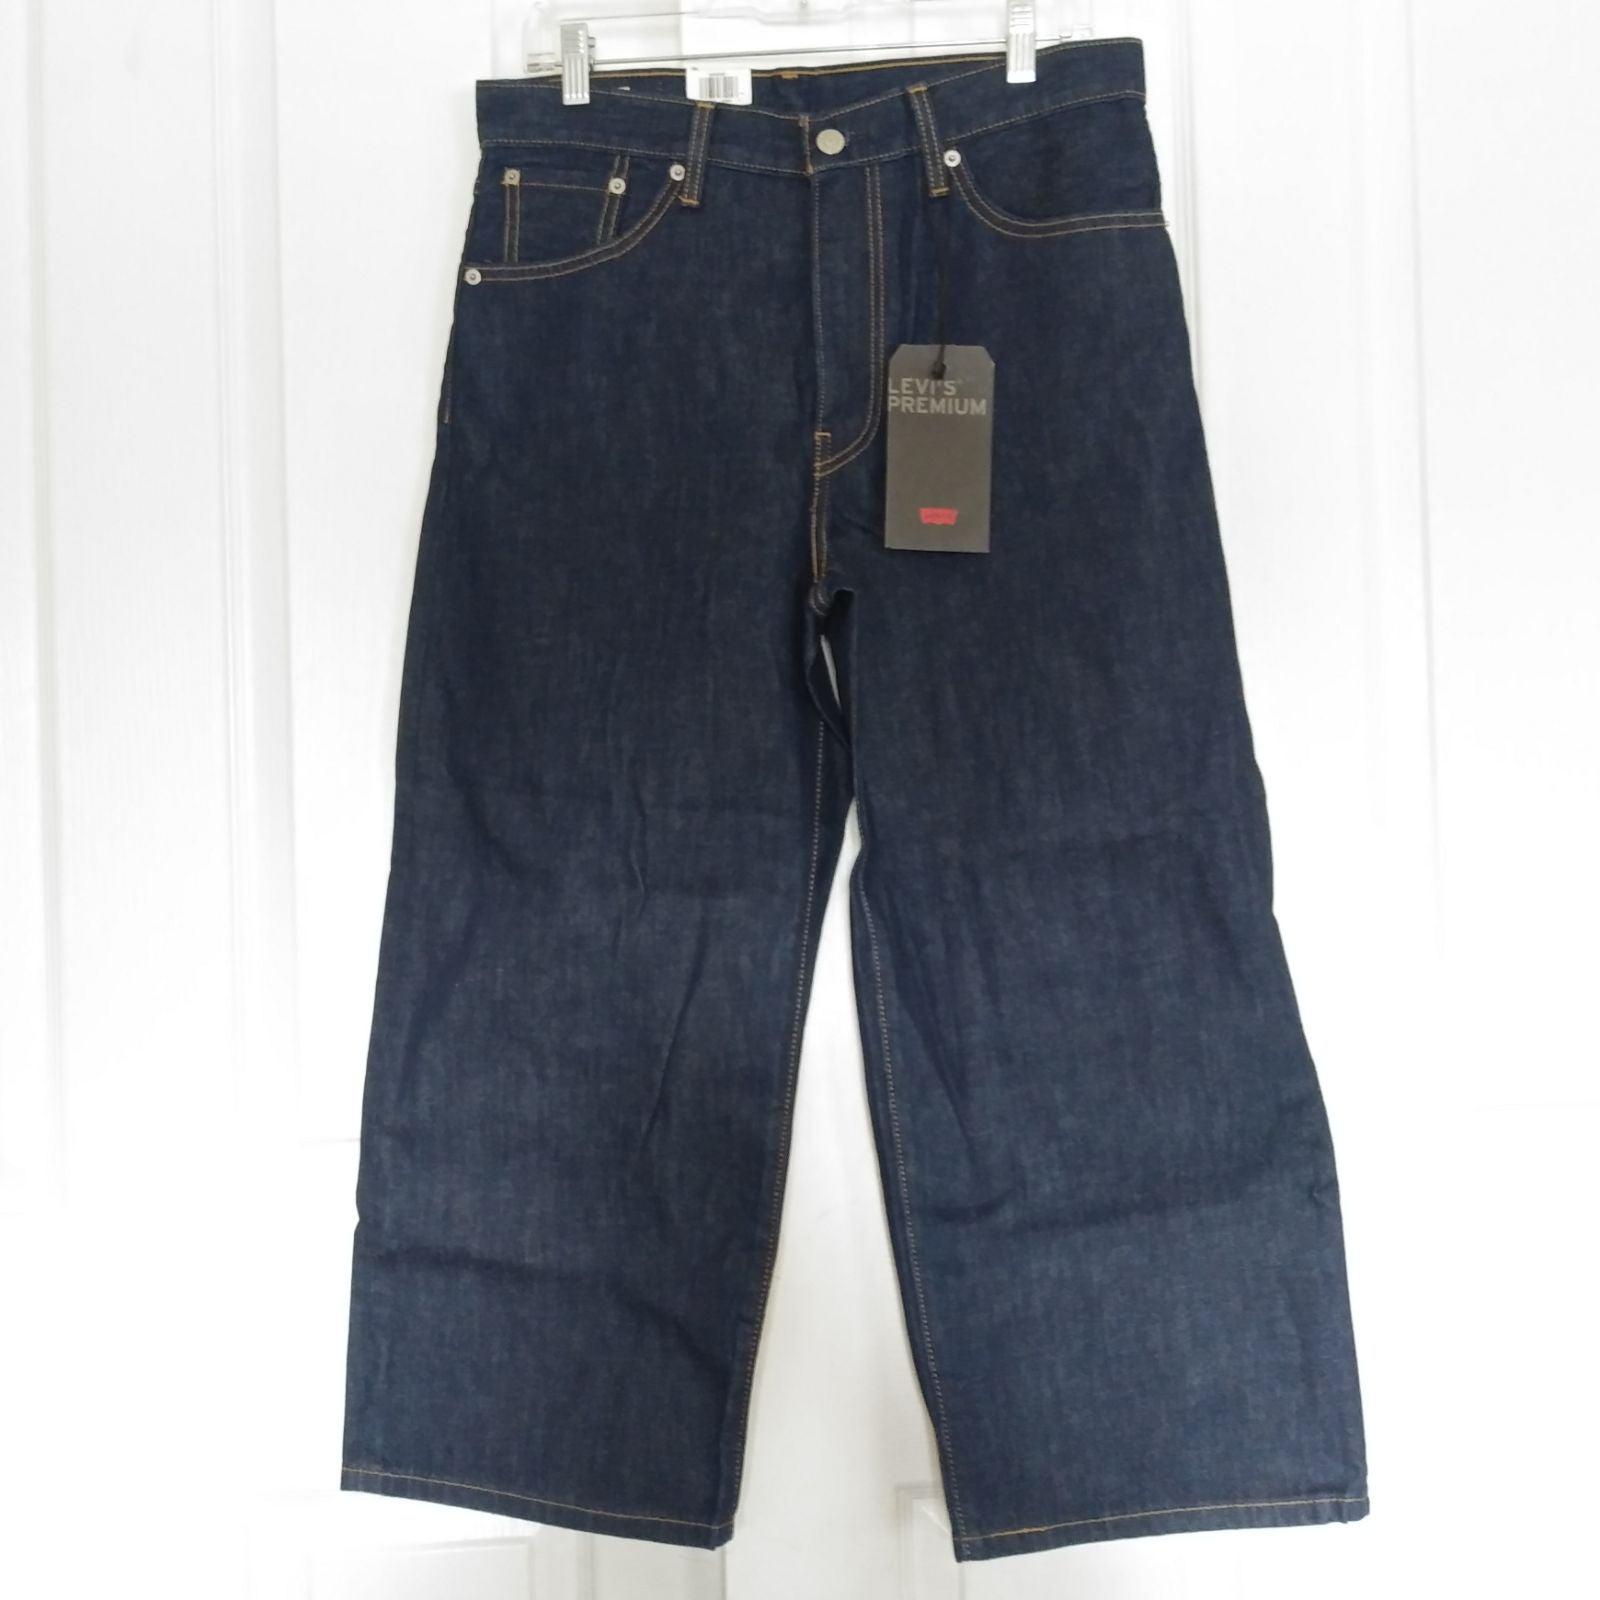 Levis High Rise Dark Wash Crop Jeans